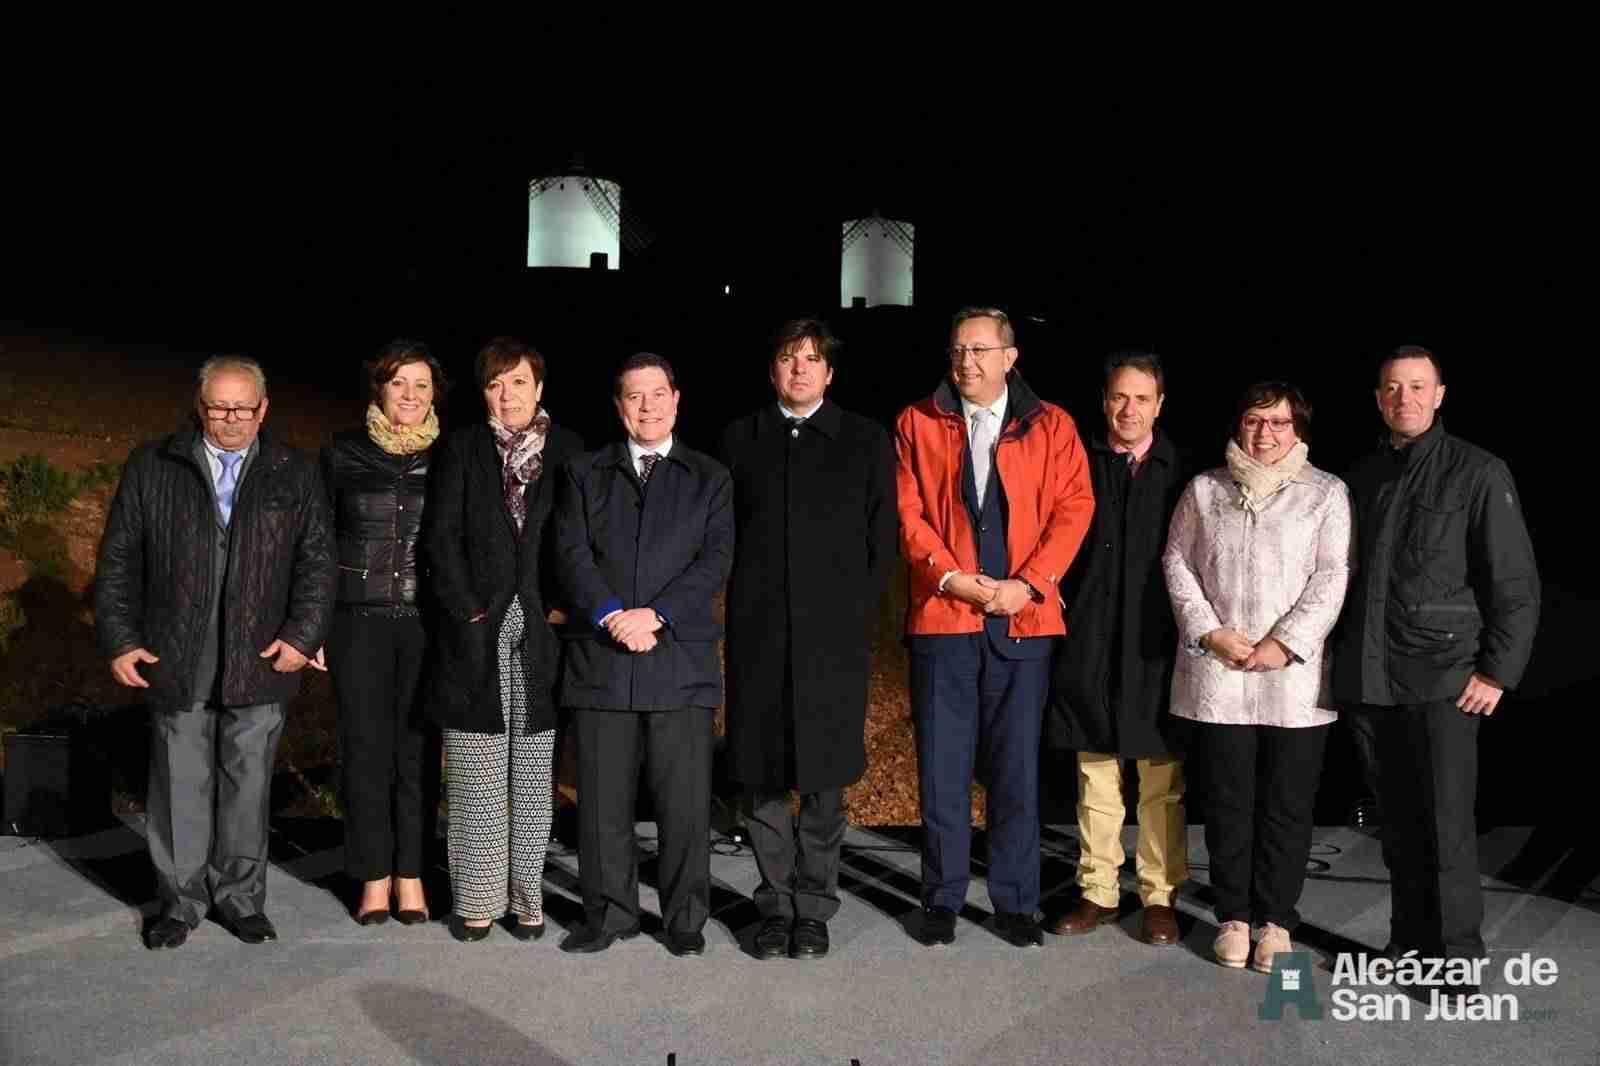 iluminacion artistica moninos viento alcazar san juan 1 - Todos los molinos de viento de Castilla-La Mancha con iluminación artística como reclamo artístico